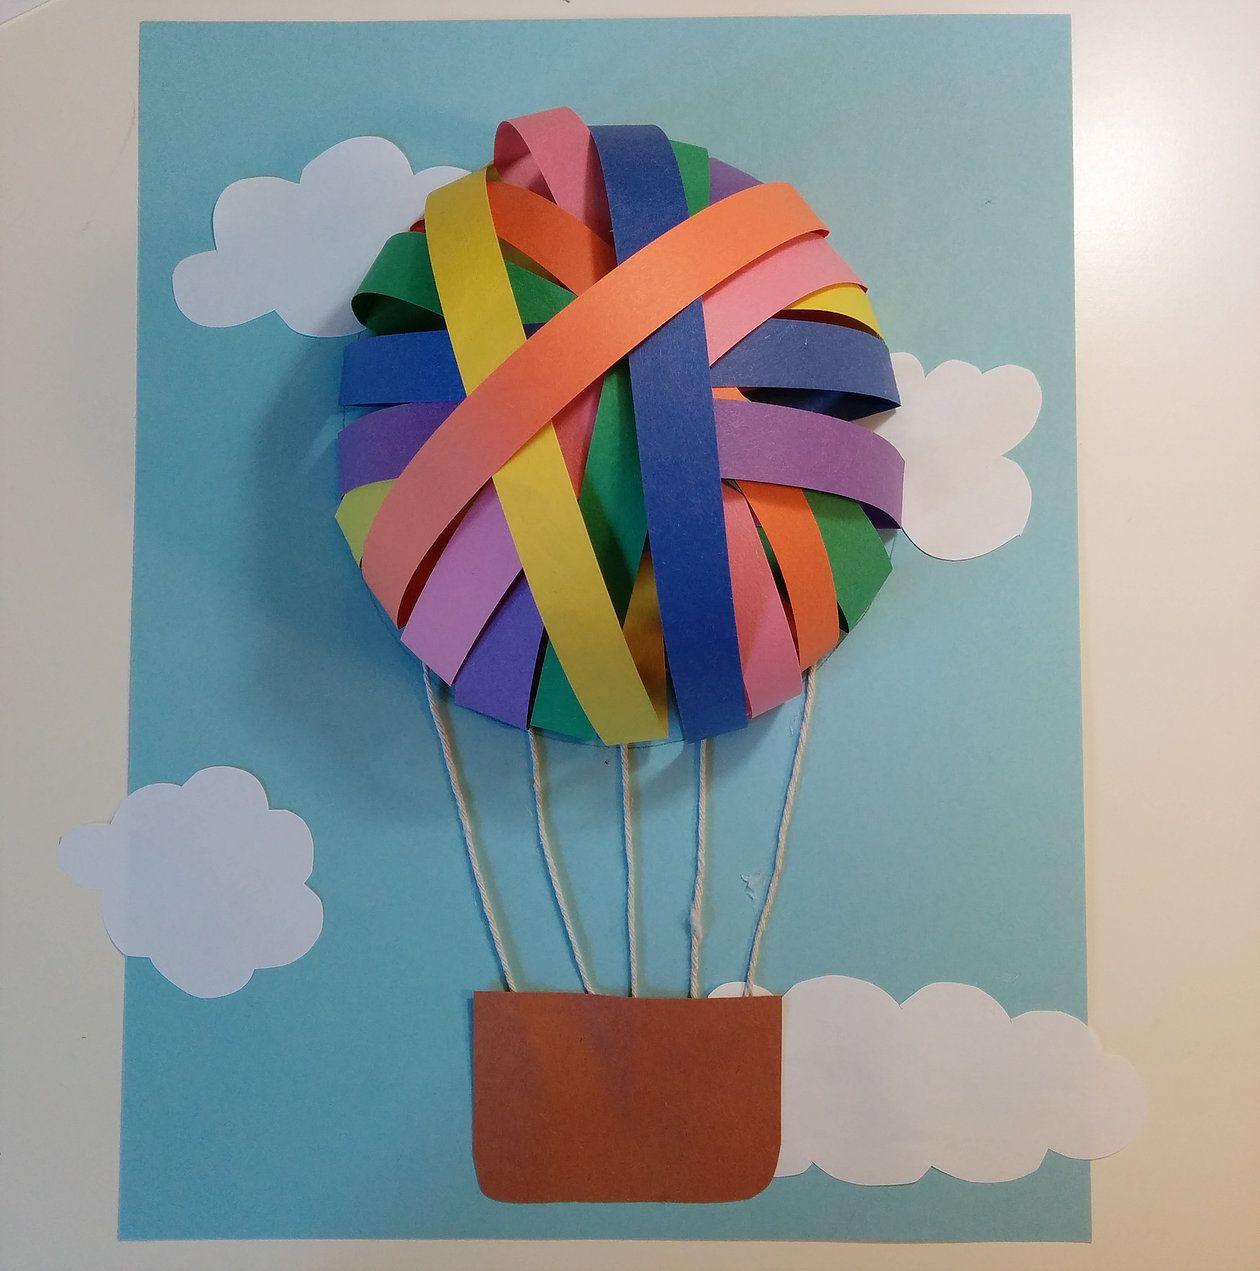 Montgolfières En Papier | Planificateur Bout De Chou | Craft tout Activité Manuelle En Papier